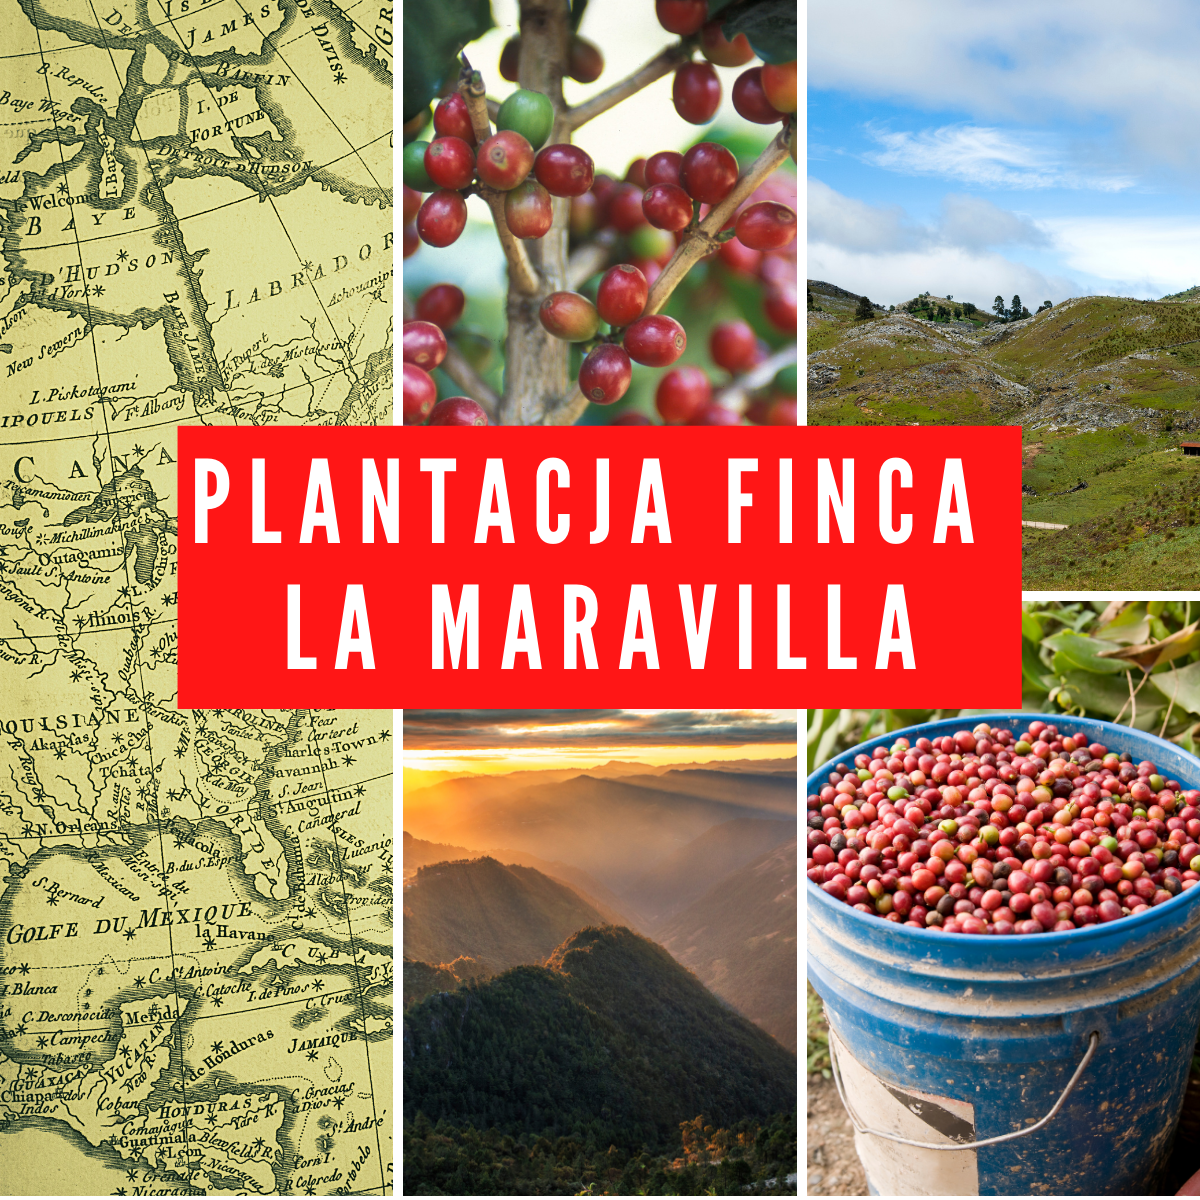 Plantacja Finca La Maravilla